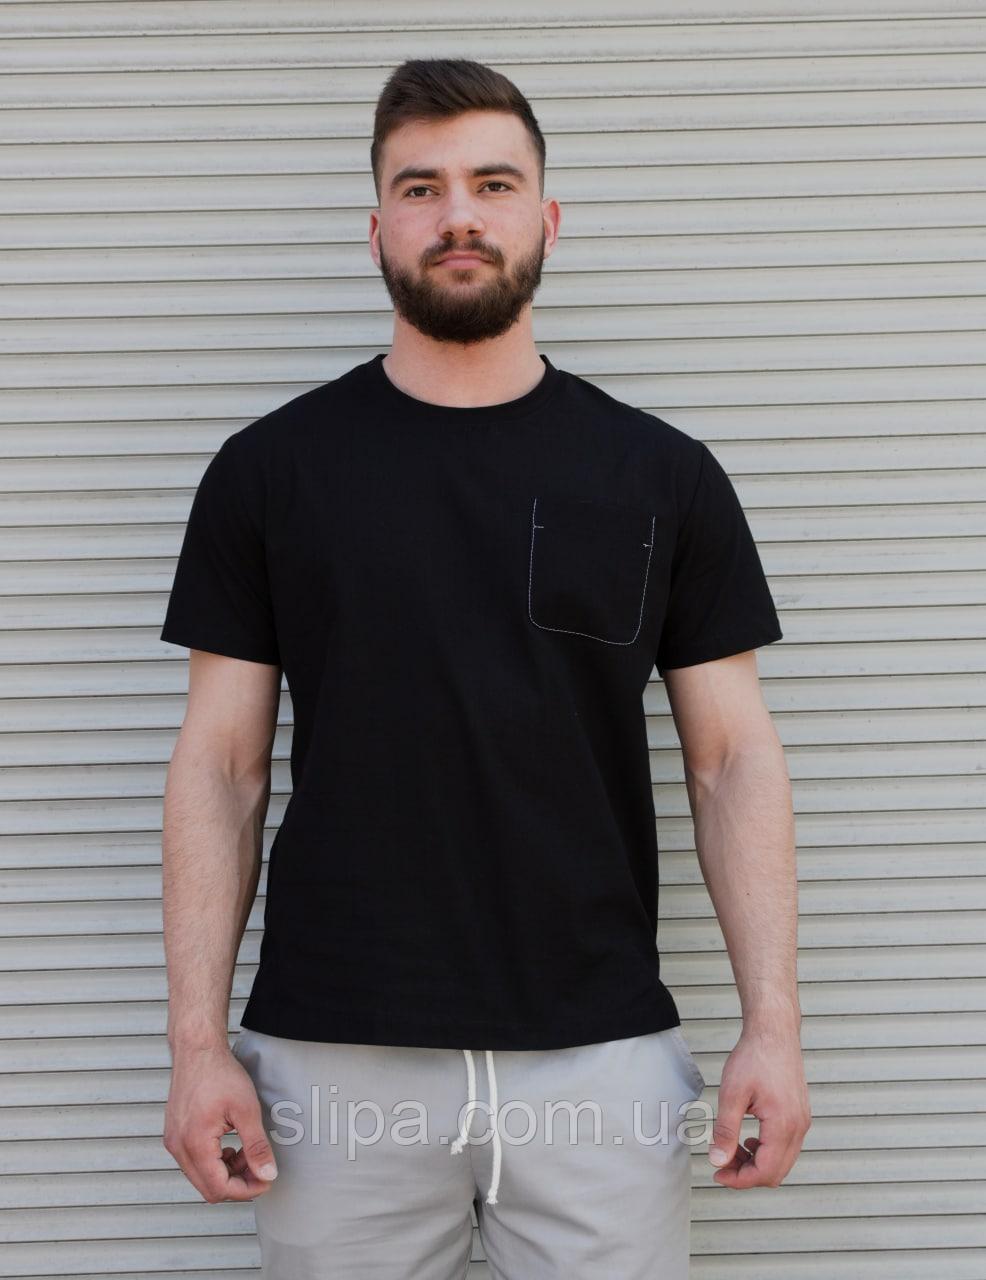 Чёрная льняная футболка с карманом на груди | 100% лён